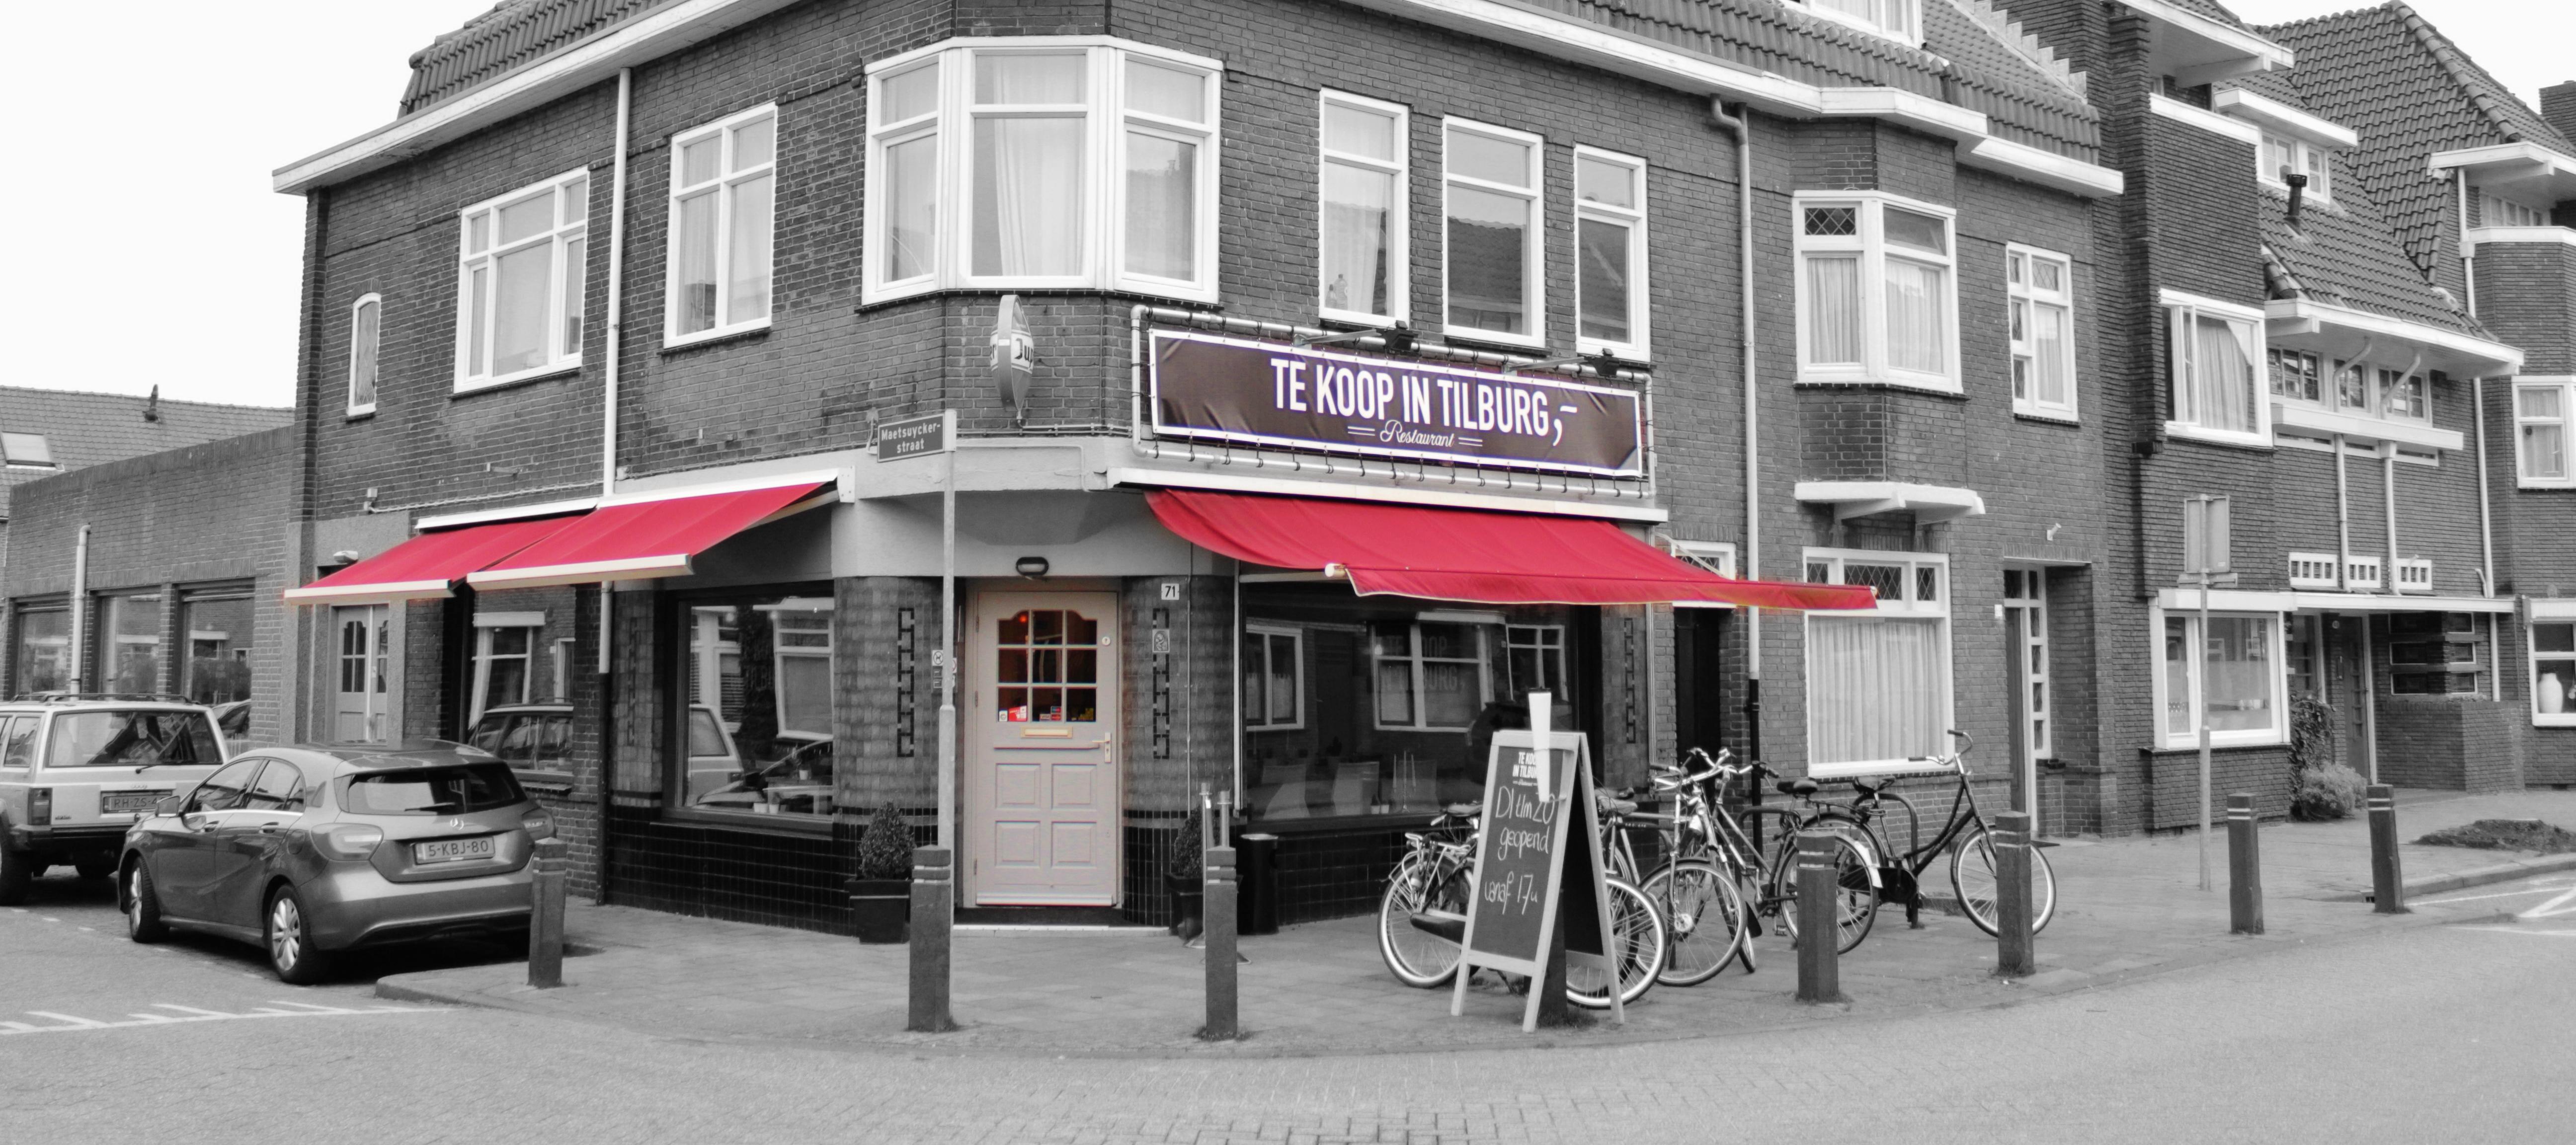 Te Koop in Tilburg,- in Tilburg - Eet.nu